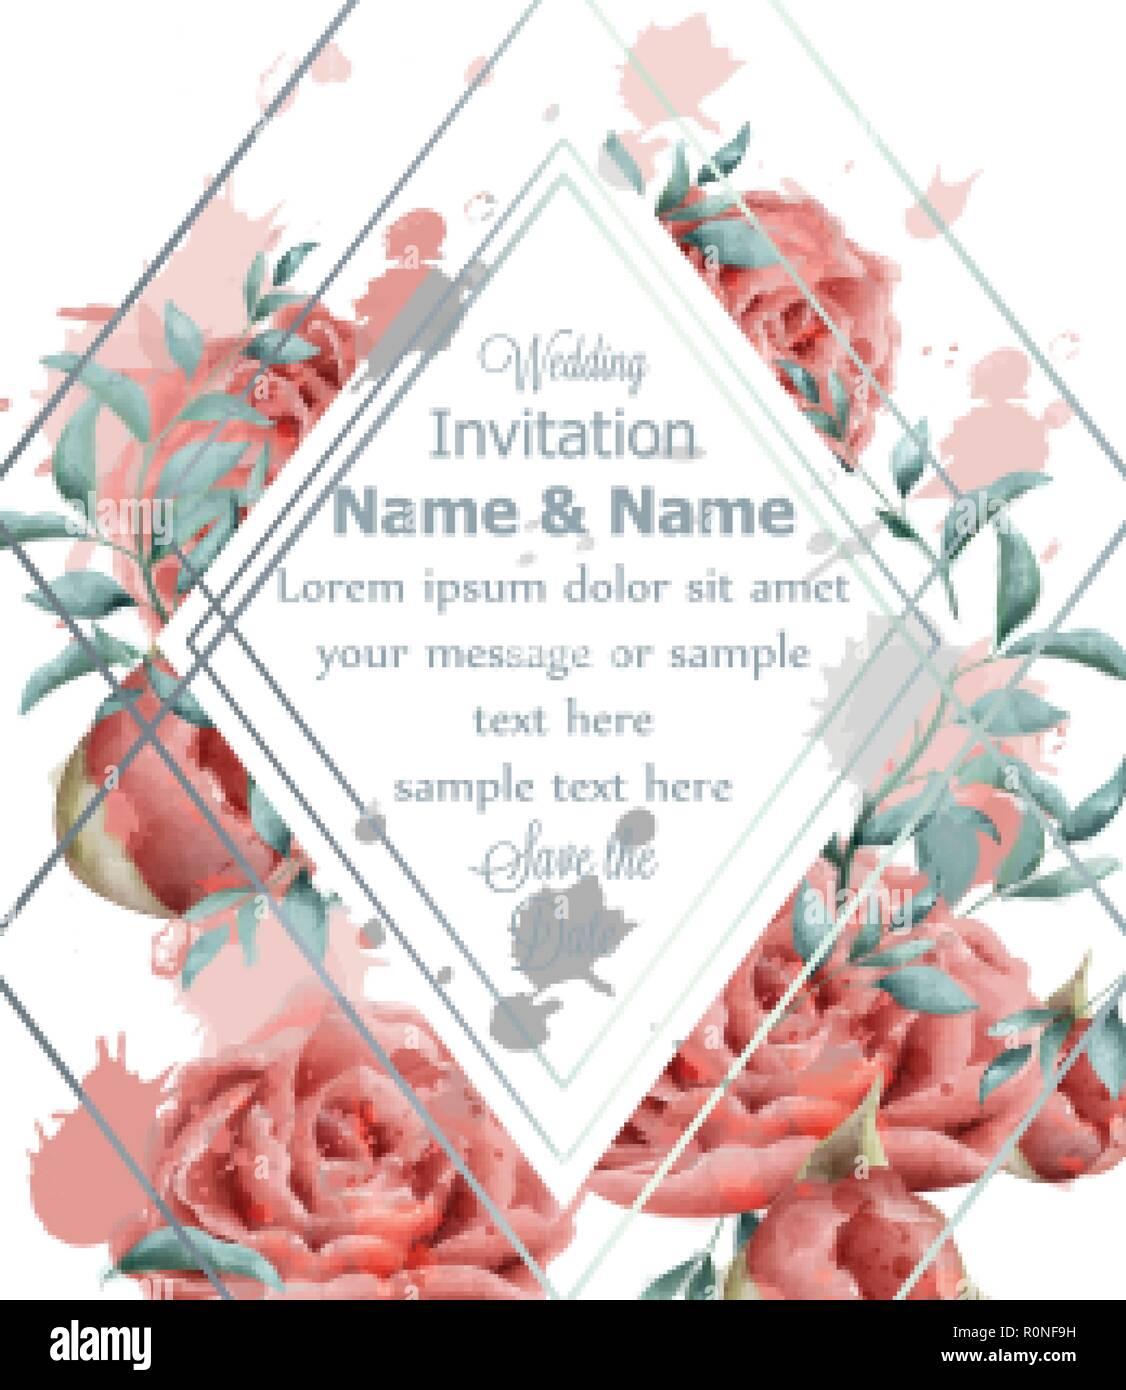 Hochzeit Einladungskarte Mit Rosen Blumen Aquarell Vektor Schone